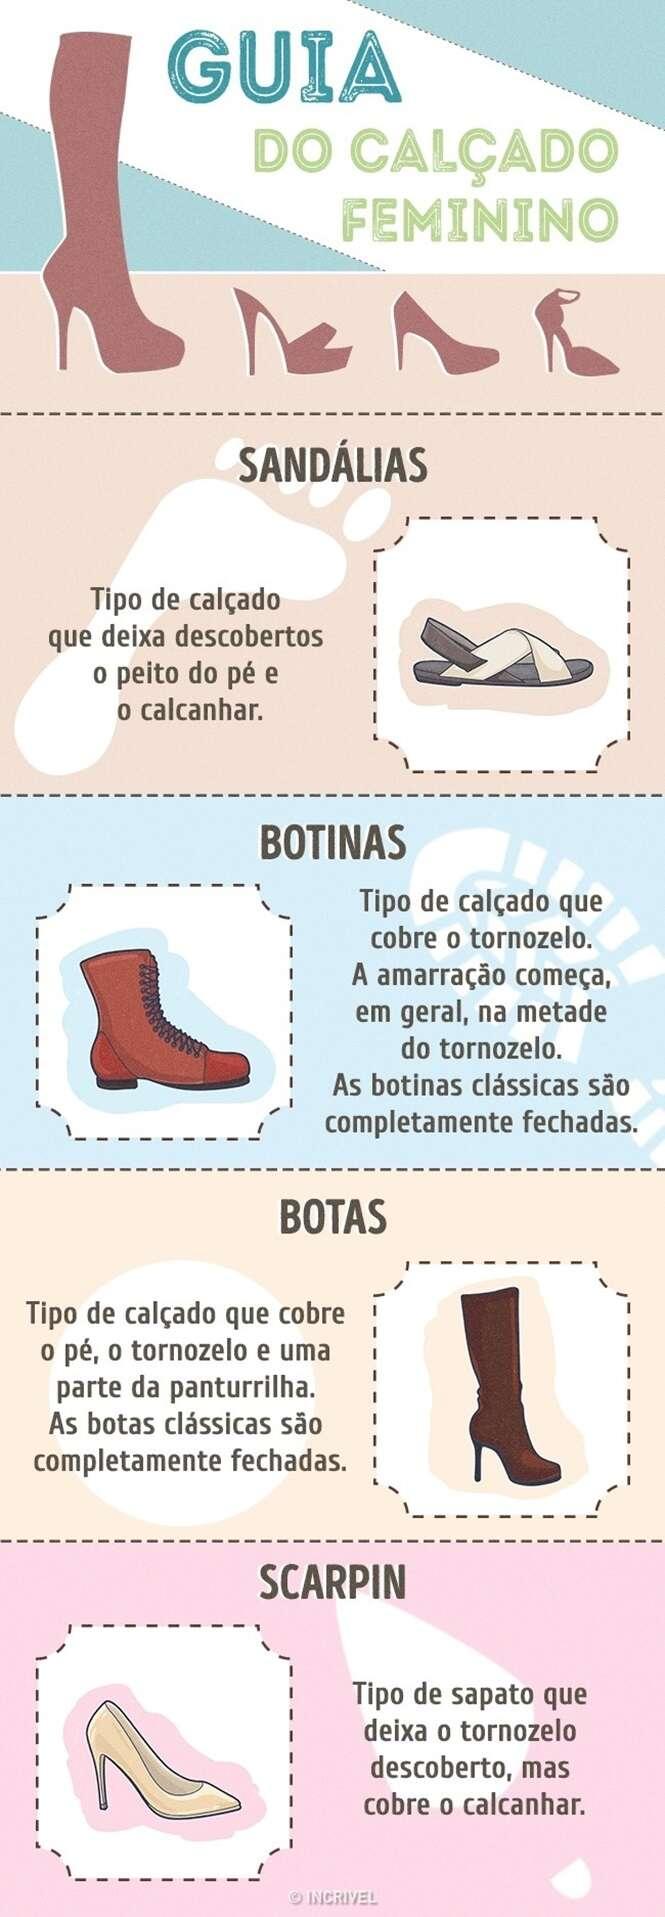 Guia de calçados para mulheres